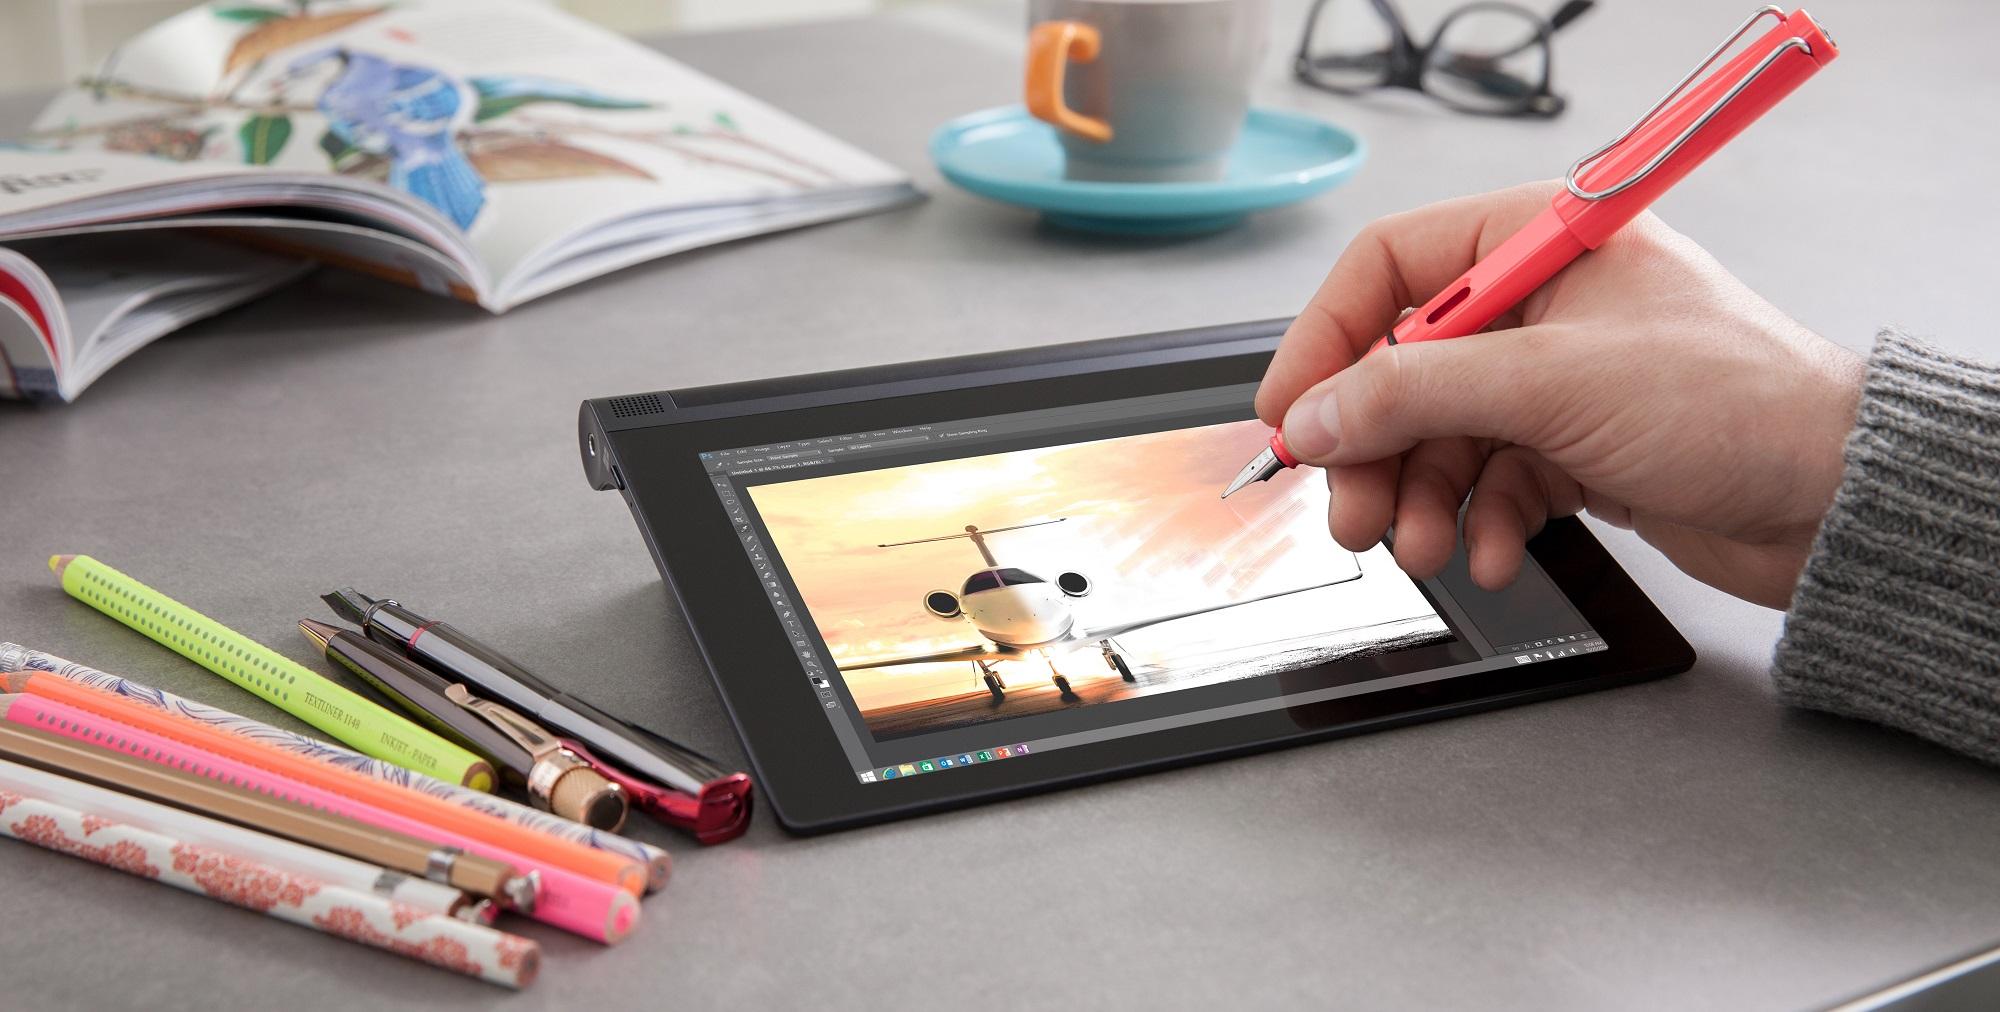 Lenovo-Yoga-Tablet-2-AnyPen_01.jpg